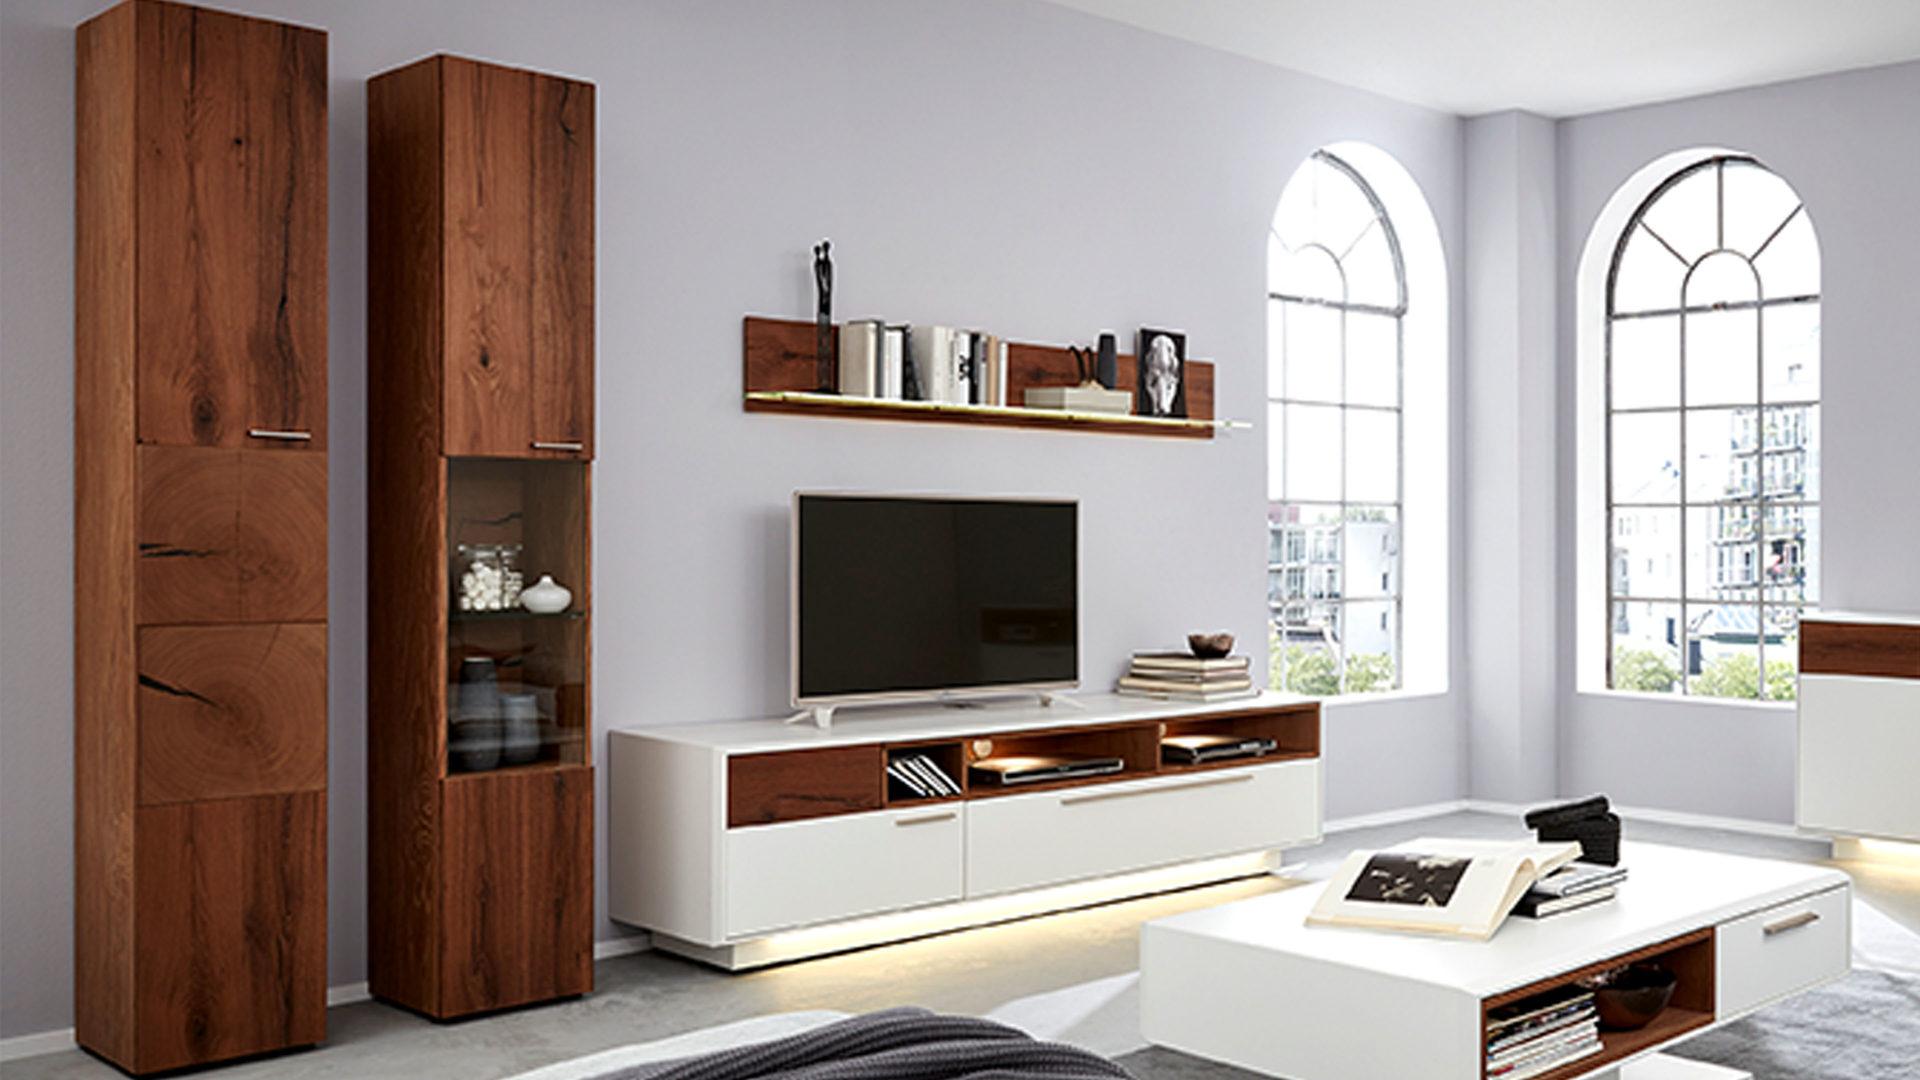 vitrine die hausmarke il aus holz in holzfarben interliving wohnzimmer serie 2102 vitrinenschrank dunkles